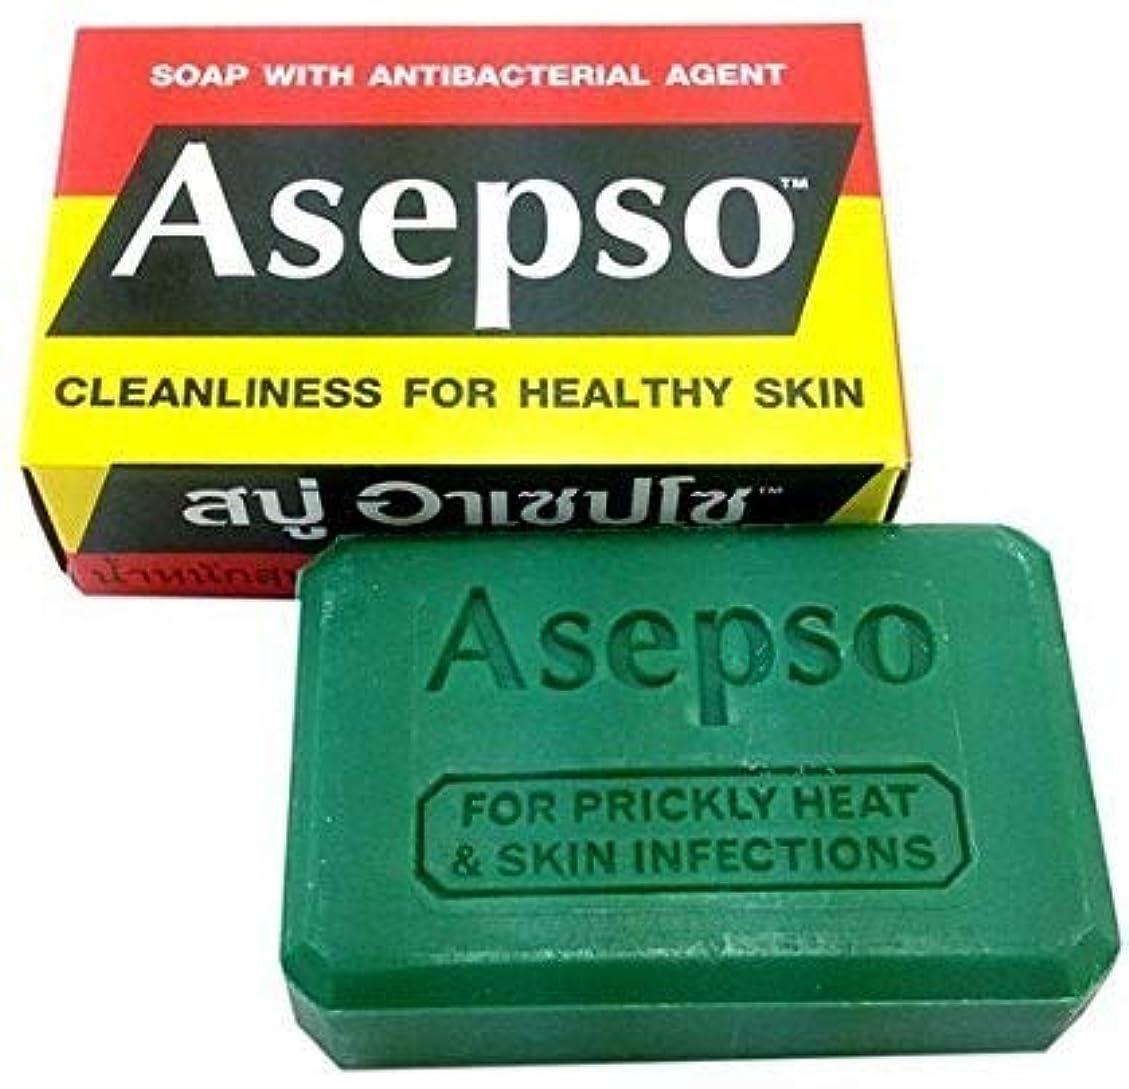 プレゼン審判戻るNi Yom Thai shop Asepso Soap with Antibacterial Agent 80 Grams